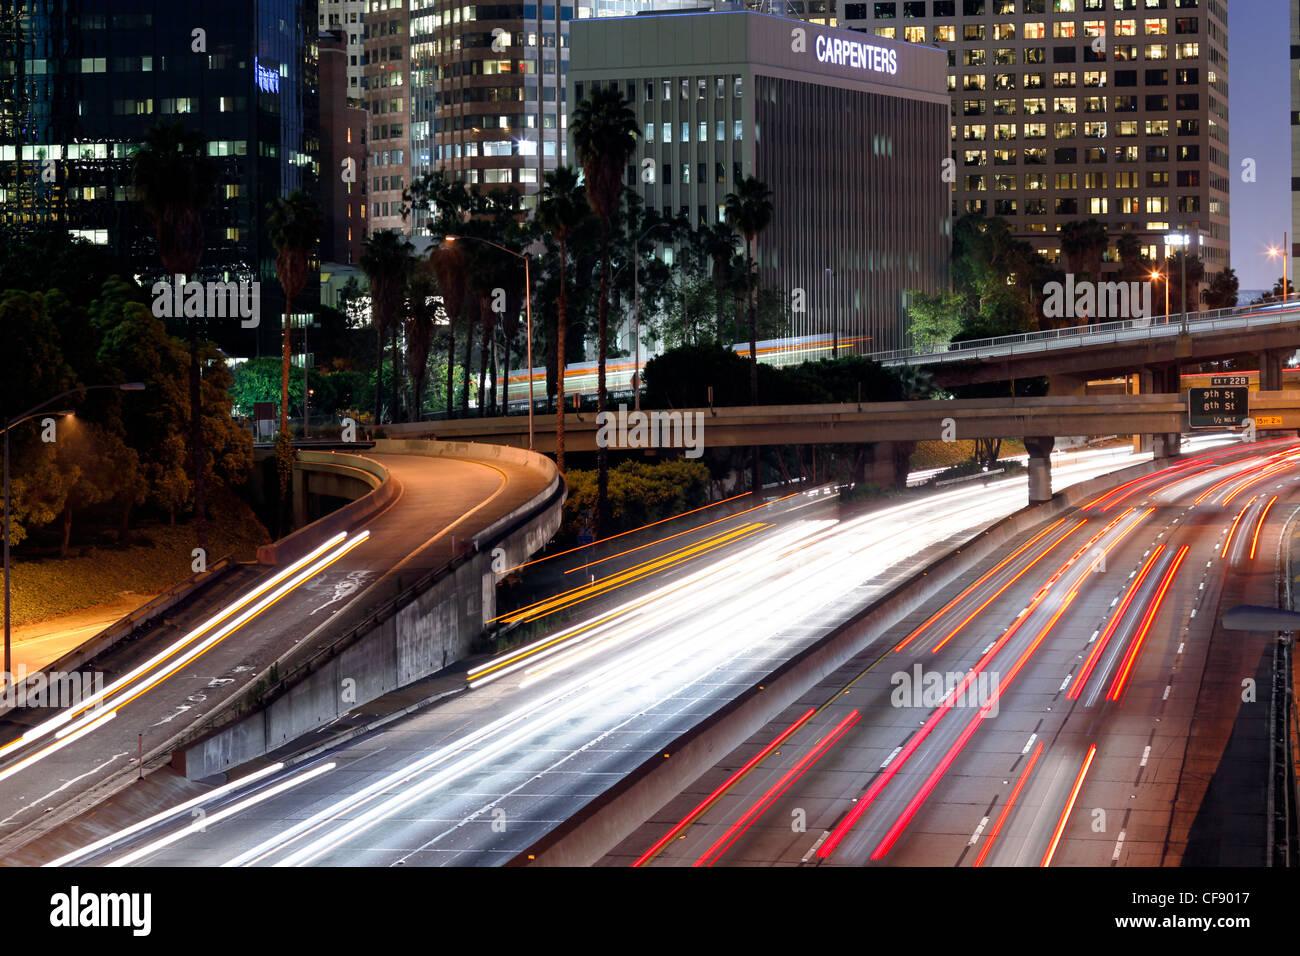 La 110 Harbor Freeway e il centro cittadino di Los Angeles skyline, California, Stati Uniti d'America Immagini Stock